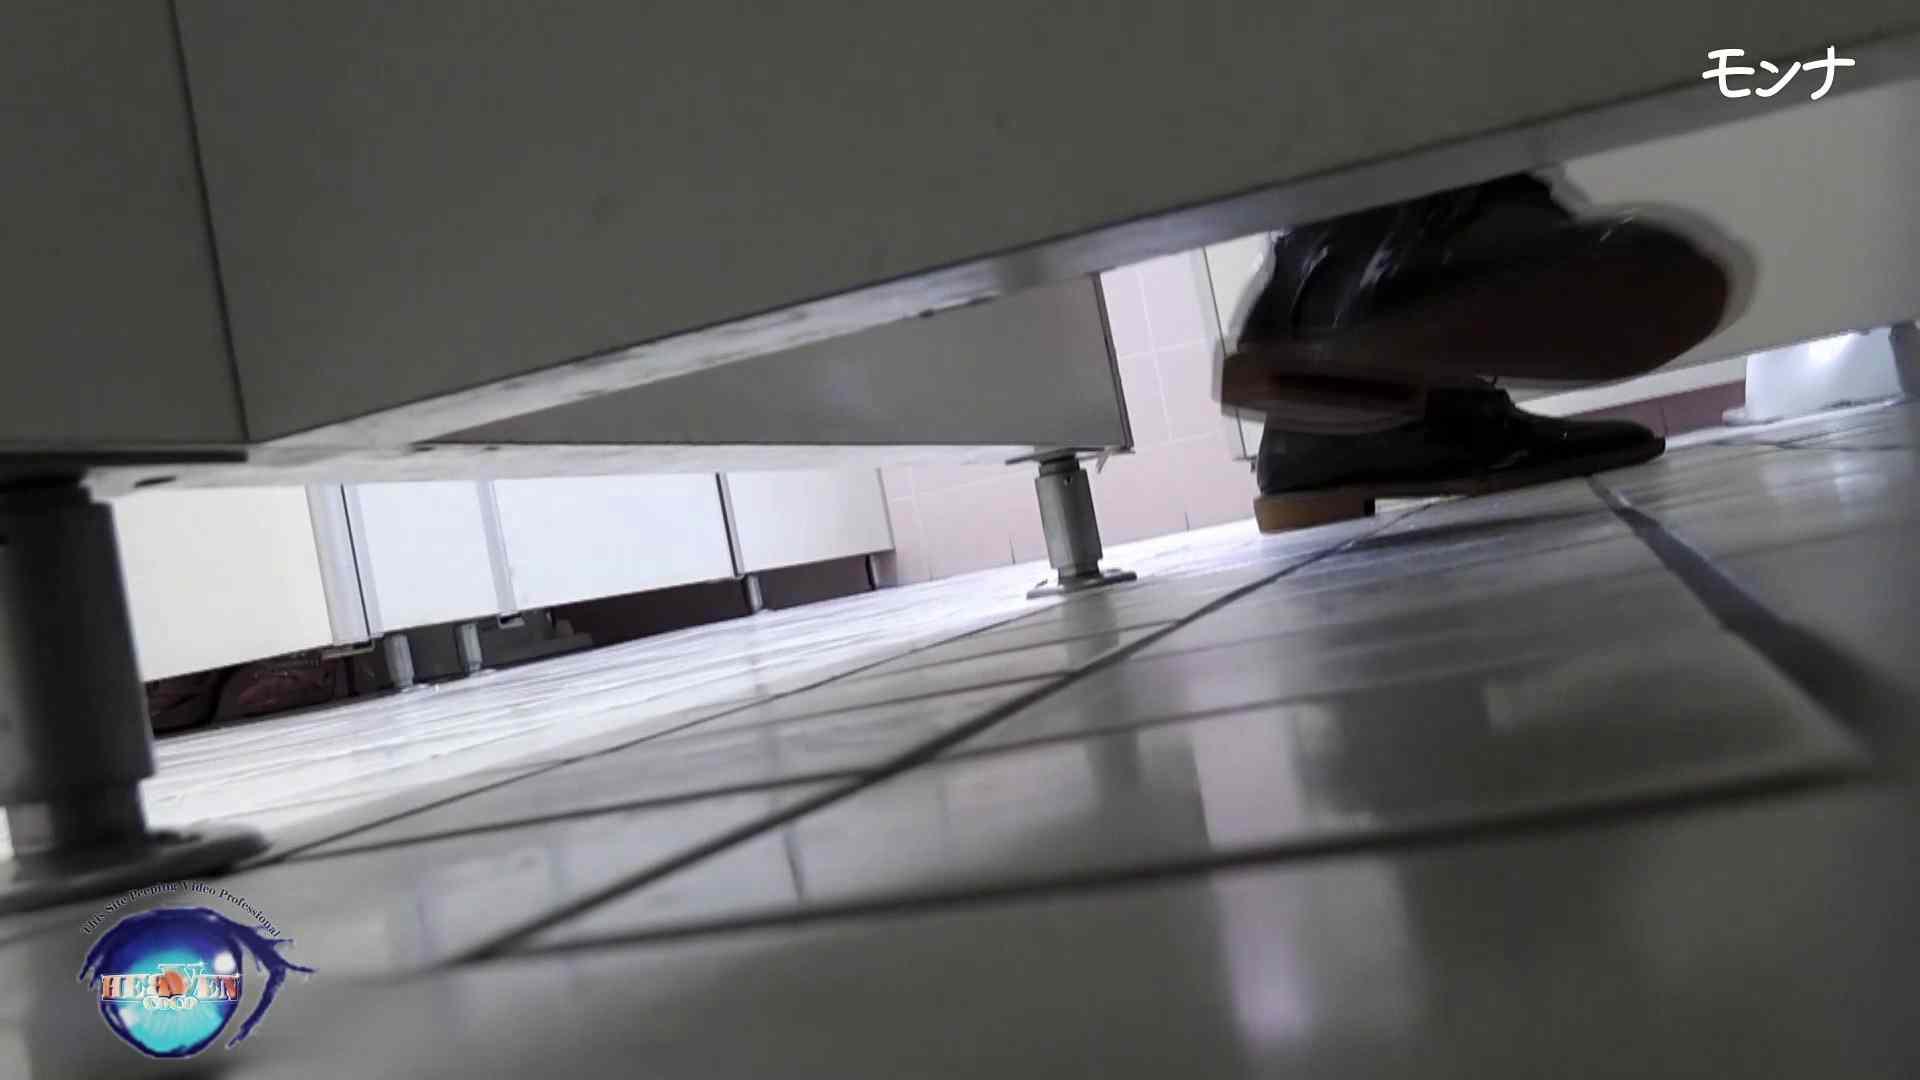 【美しい日本の未来】美しい日本の未来 No.75 たまらないくびれ 2 生え茂る 盗撮師作品  70pic 20